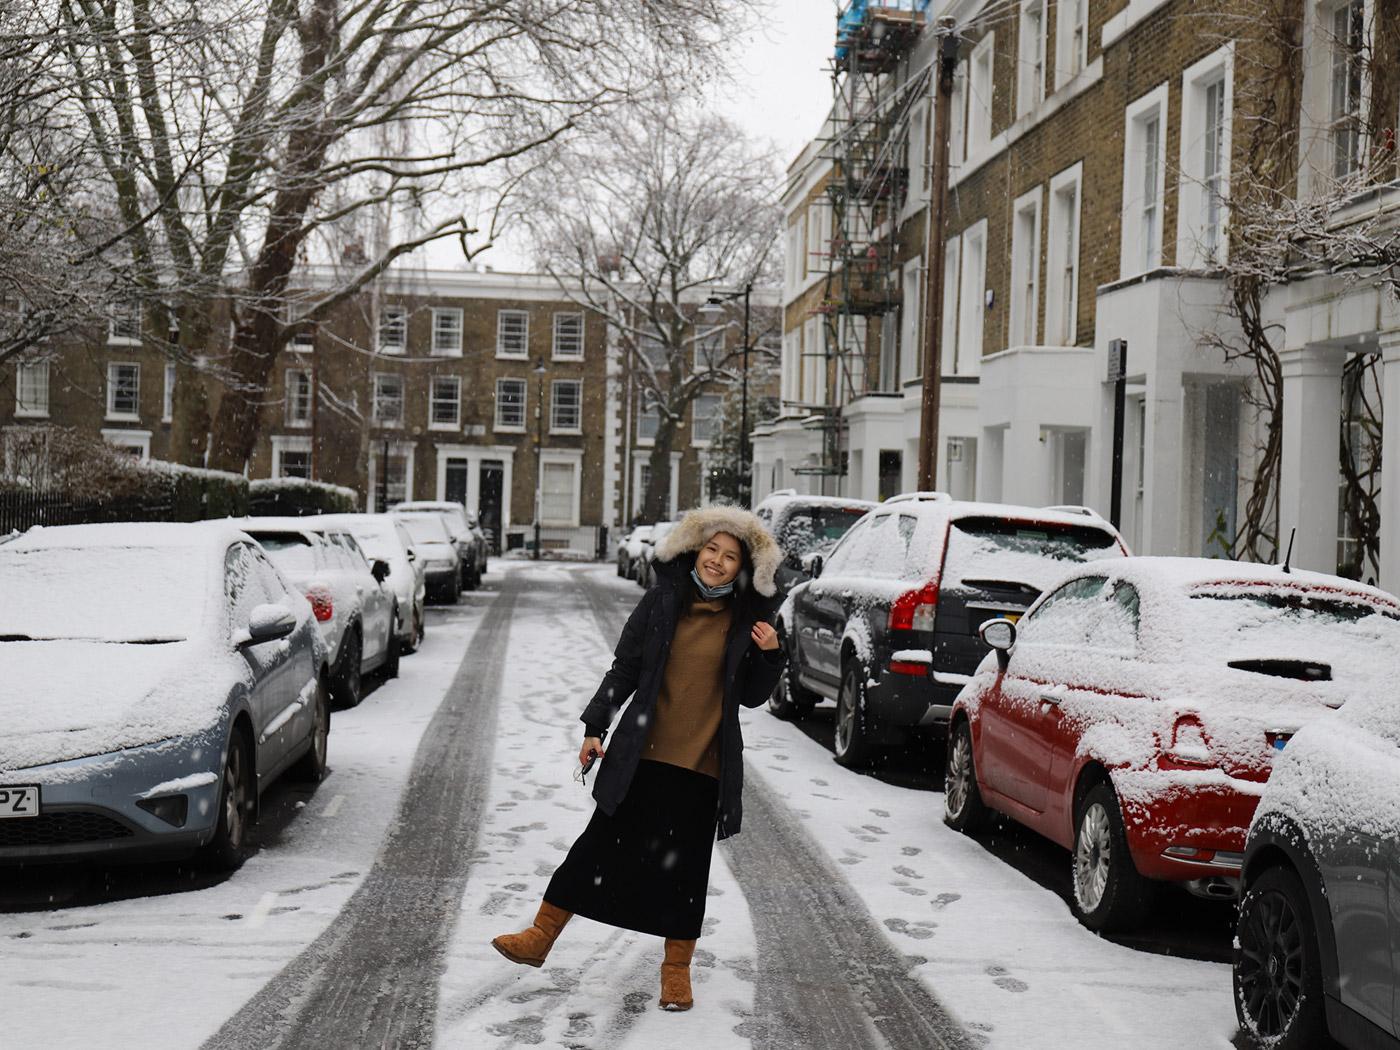 倫敦旅遊的行李清單,到底該帶哪些東西?如何穿搭?-倫敦會下雪嗎